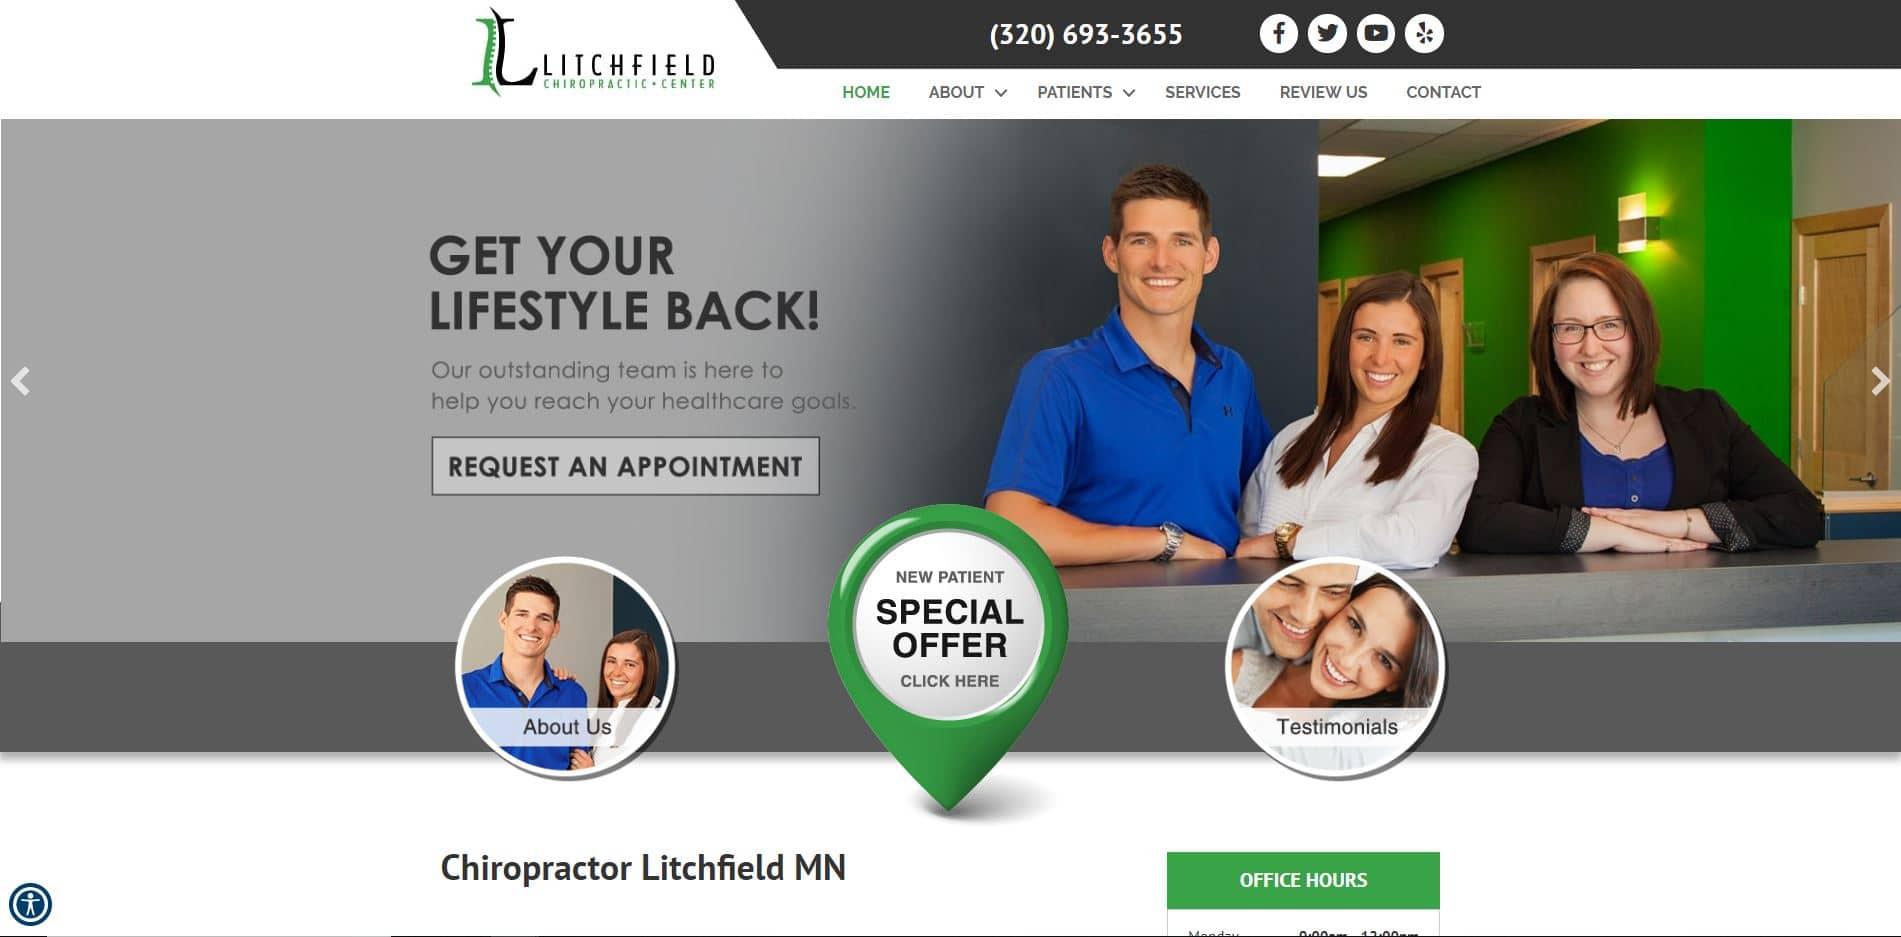 Chiropractor in Litchfield